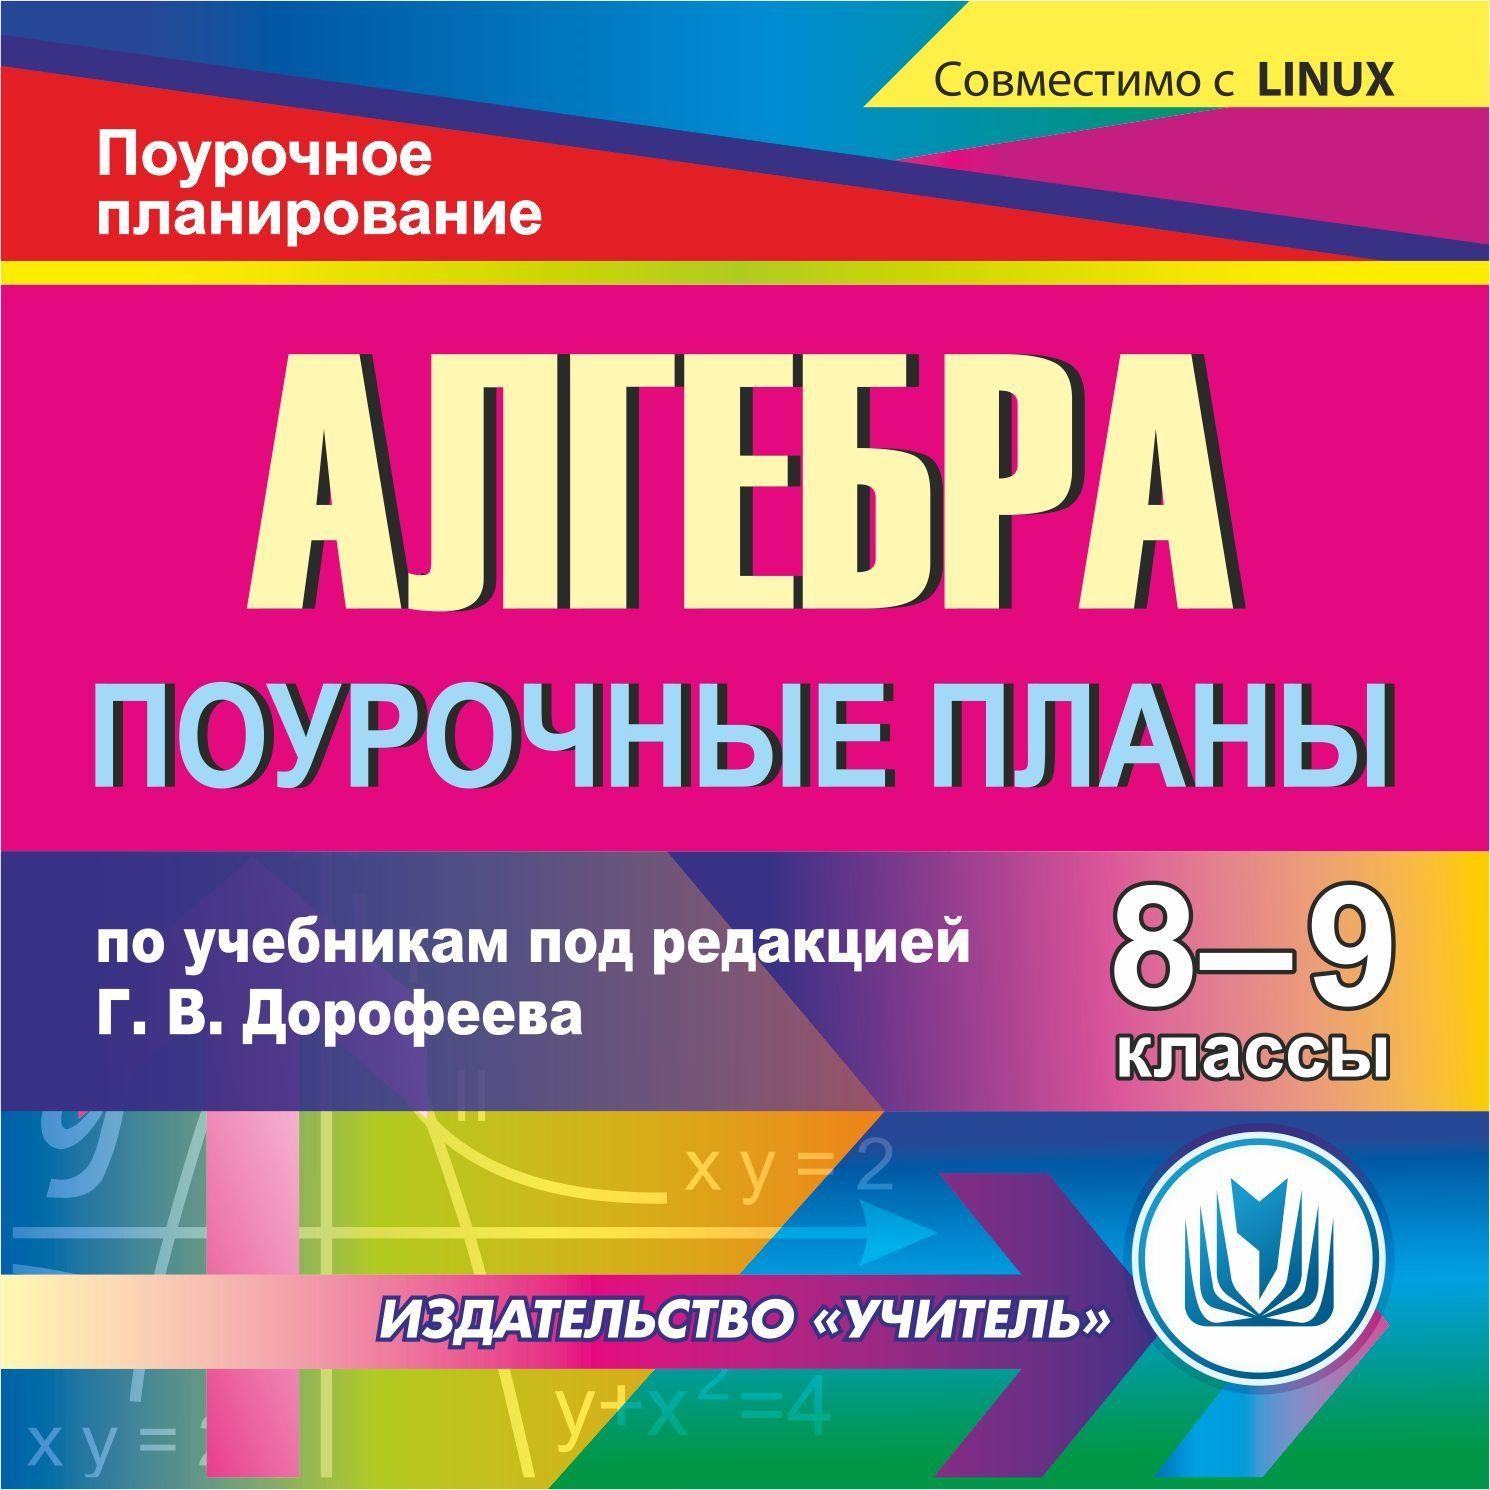 Алгебра 8-9 классы: поурочные планы по учебникам под редакцией Г. В. Дорофеева. Компакт-диск для компьютера